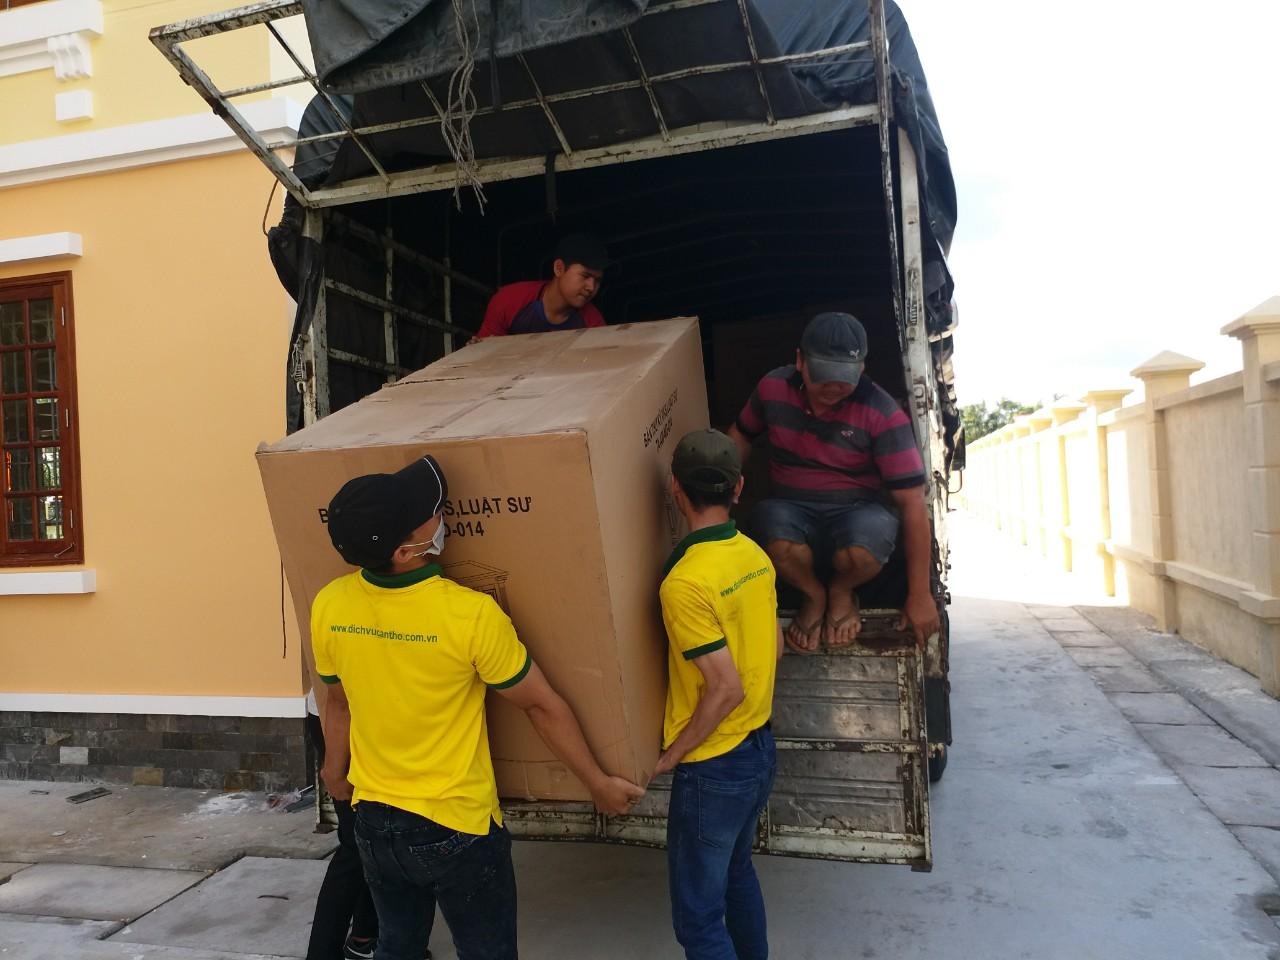 Dịch vụ bốc xếp hàng hóa huyện Bình Chánh uy tín, giá rẻ tại Tphcm